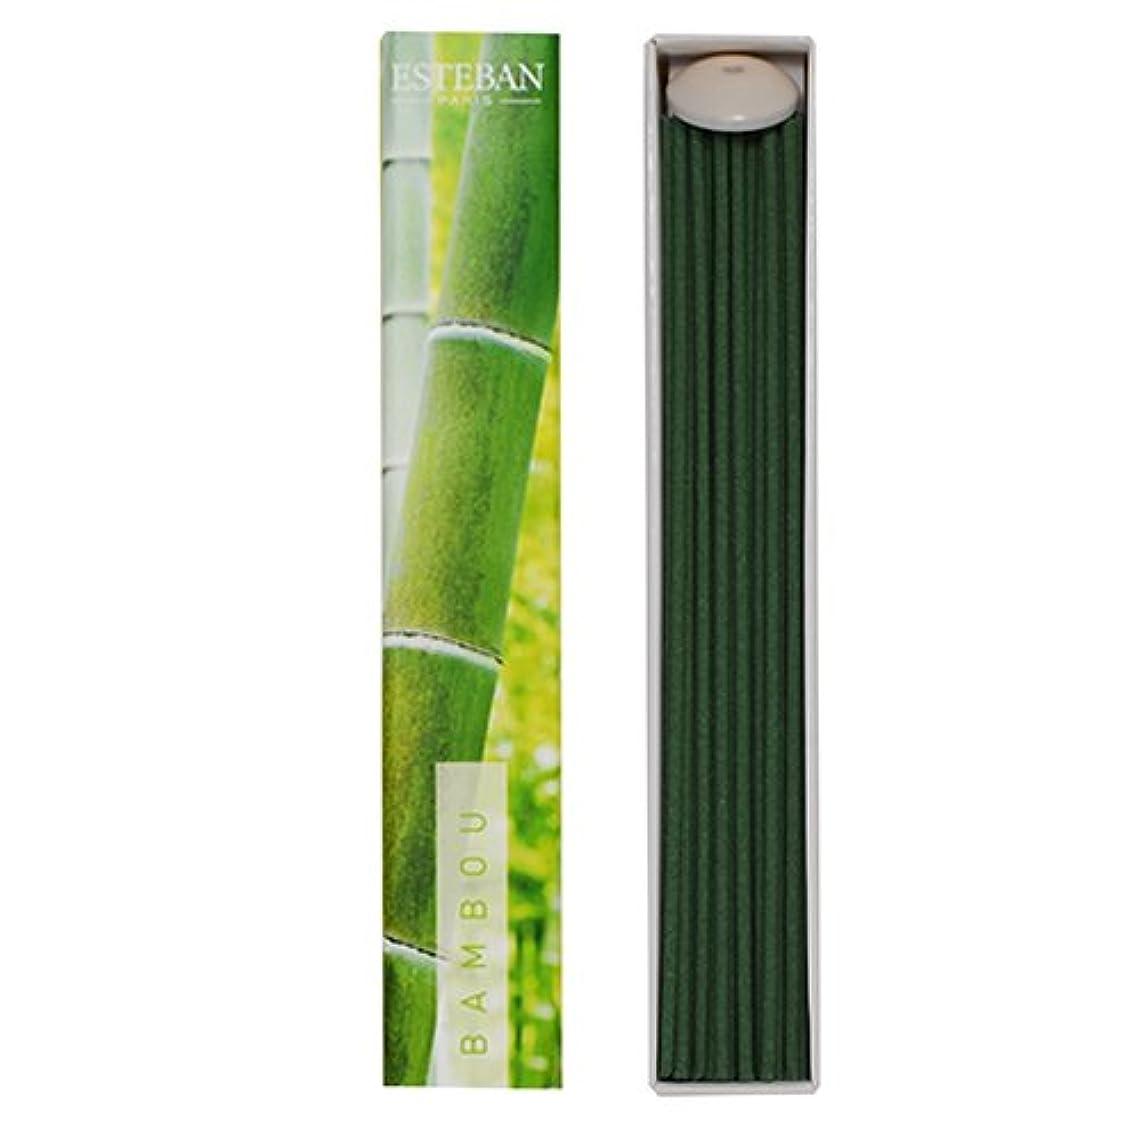 刻む青ホイッスルエステバンのお香 エスプリドナチュール バンブー(竹)スティック